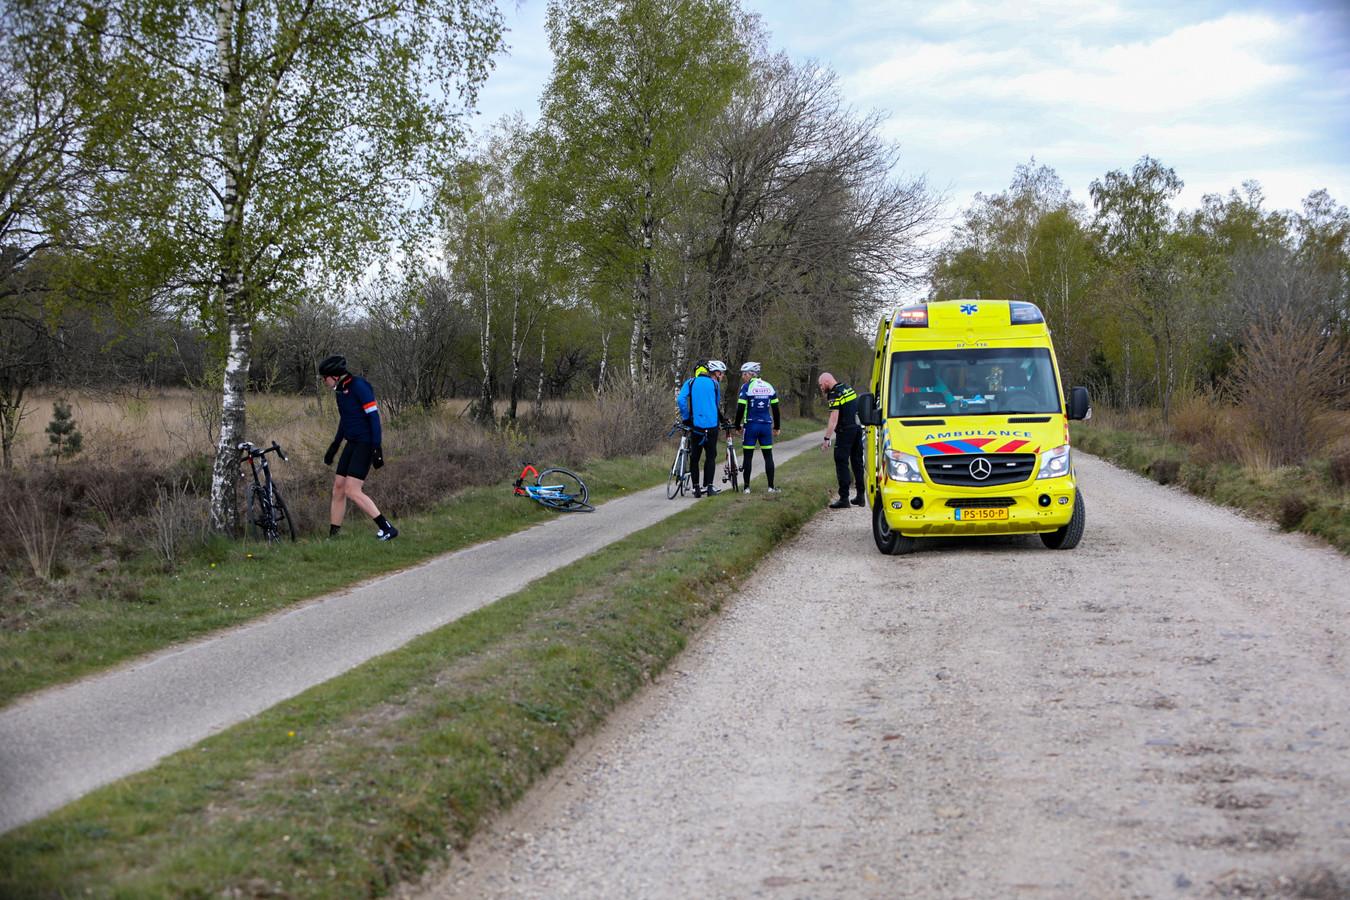 Een wielrenner raakte gewond in het buitengebied van Apeldoorn. Zijn medefietser besloten hun toertocht af te blazen.